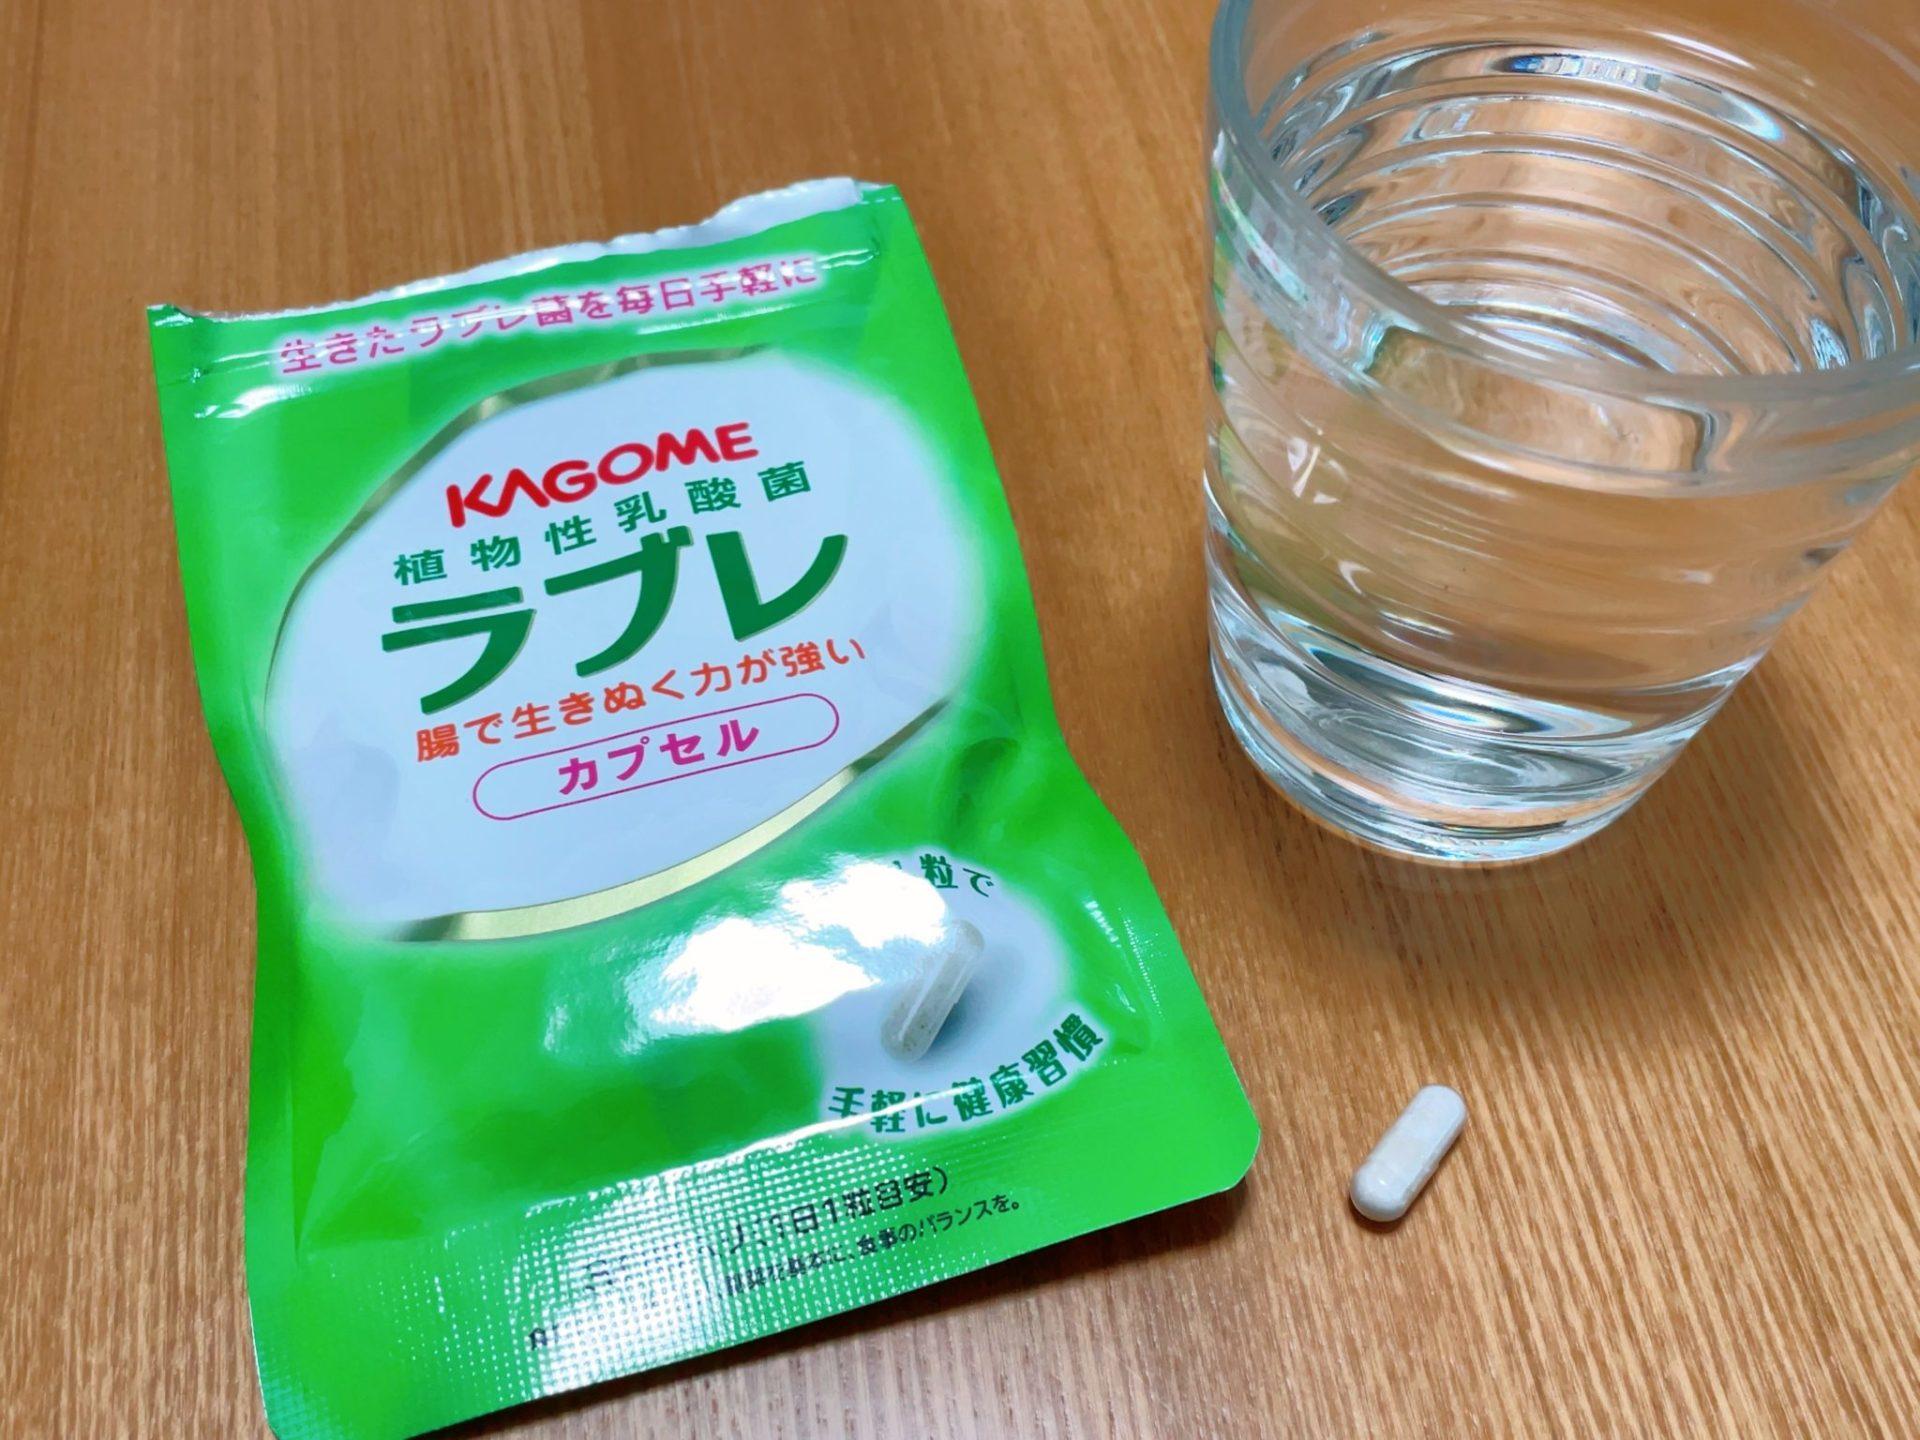 カゴメ植物乳酸菌ラブレのサプリは1日一錠